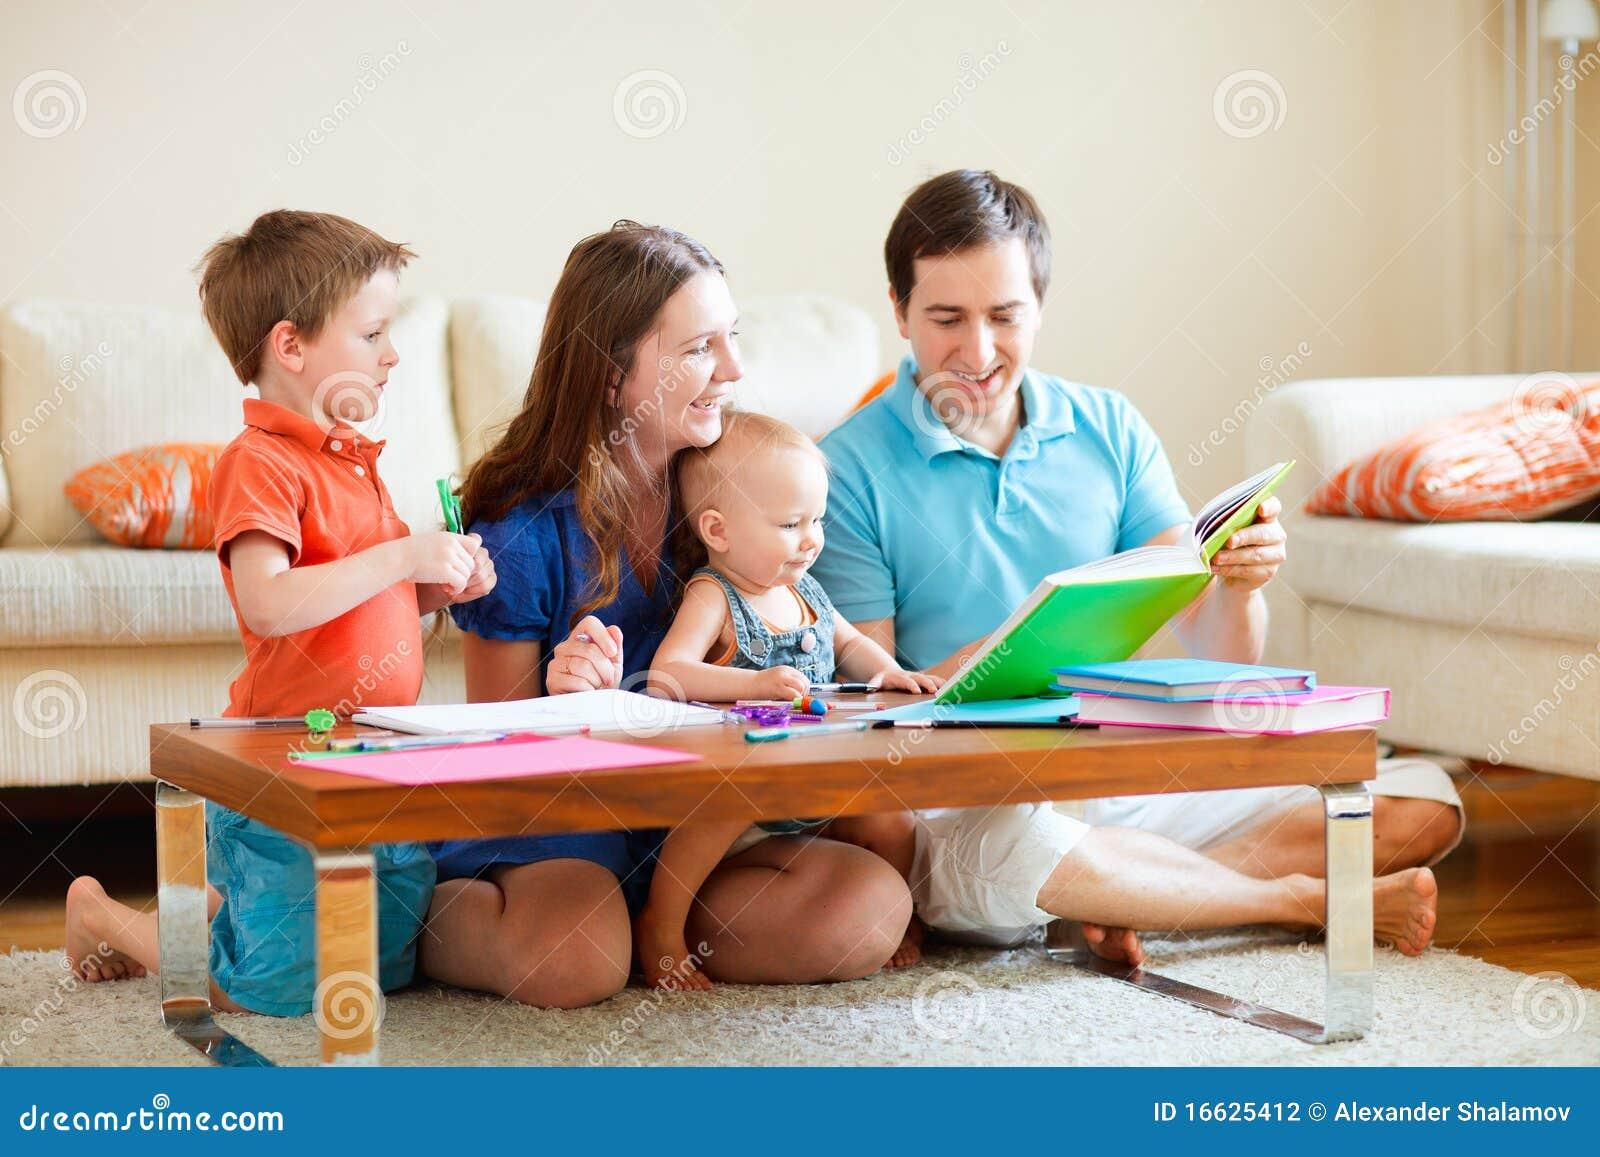 Agregado familiar com quatro membros em casa